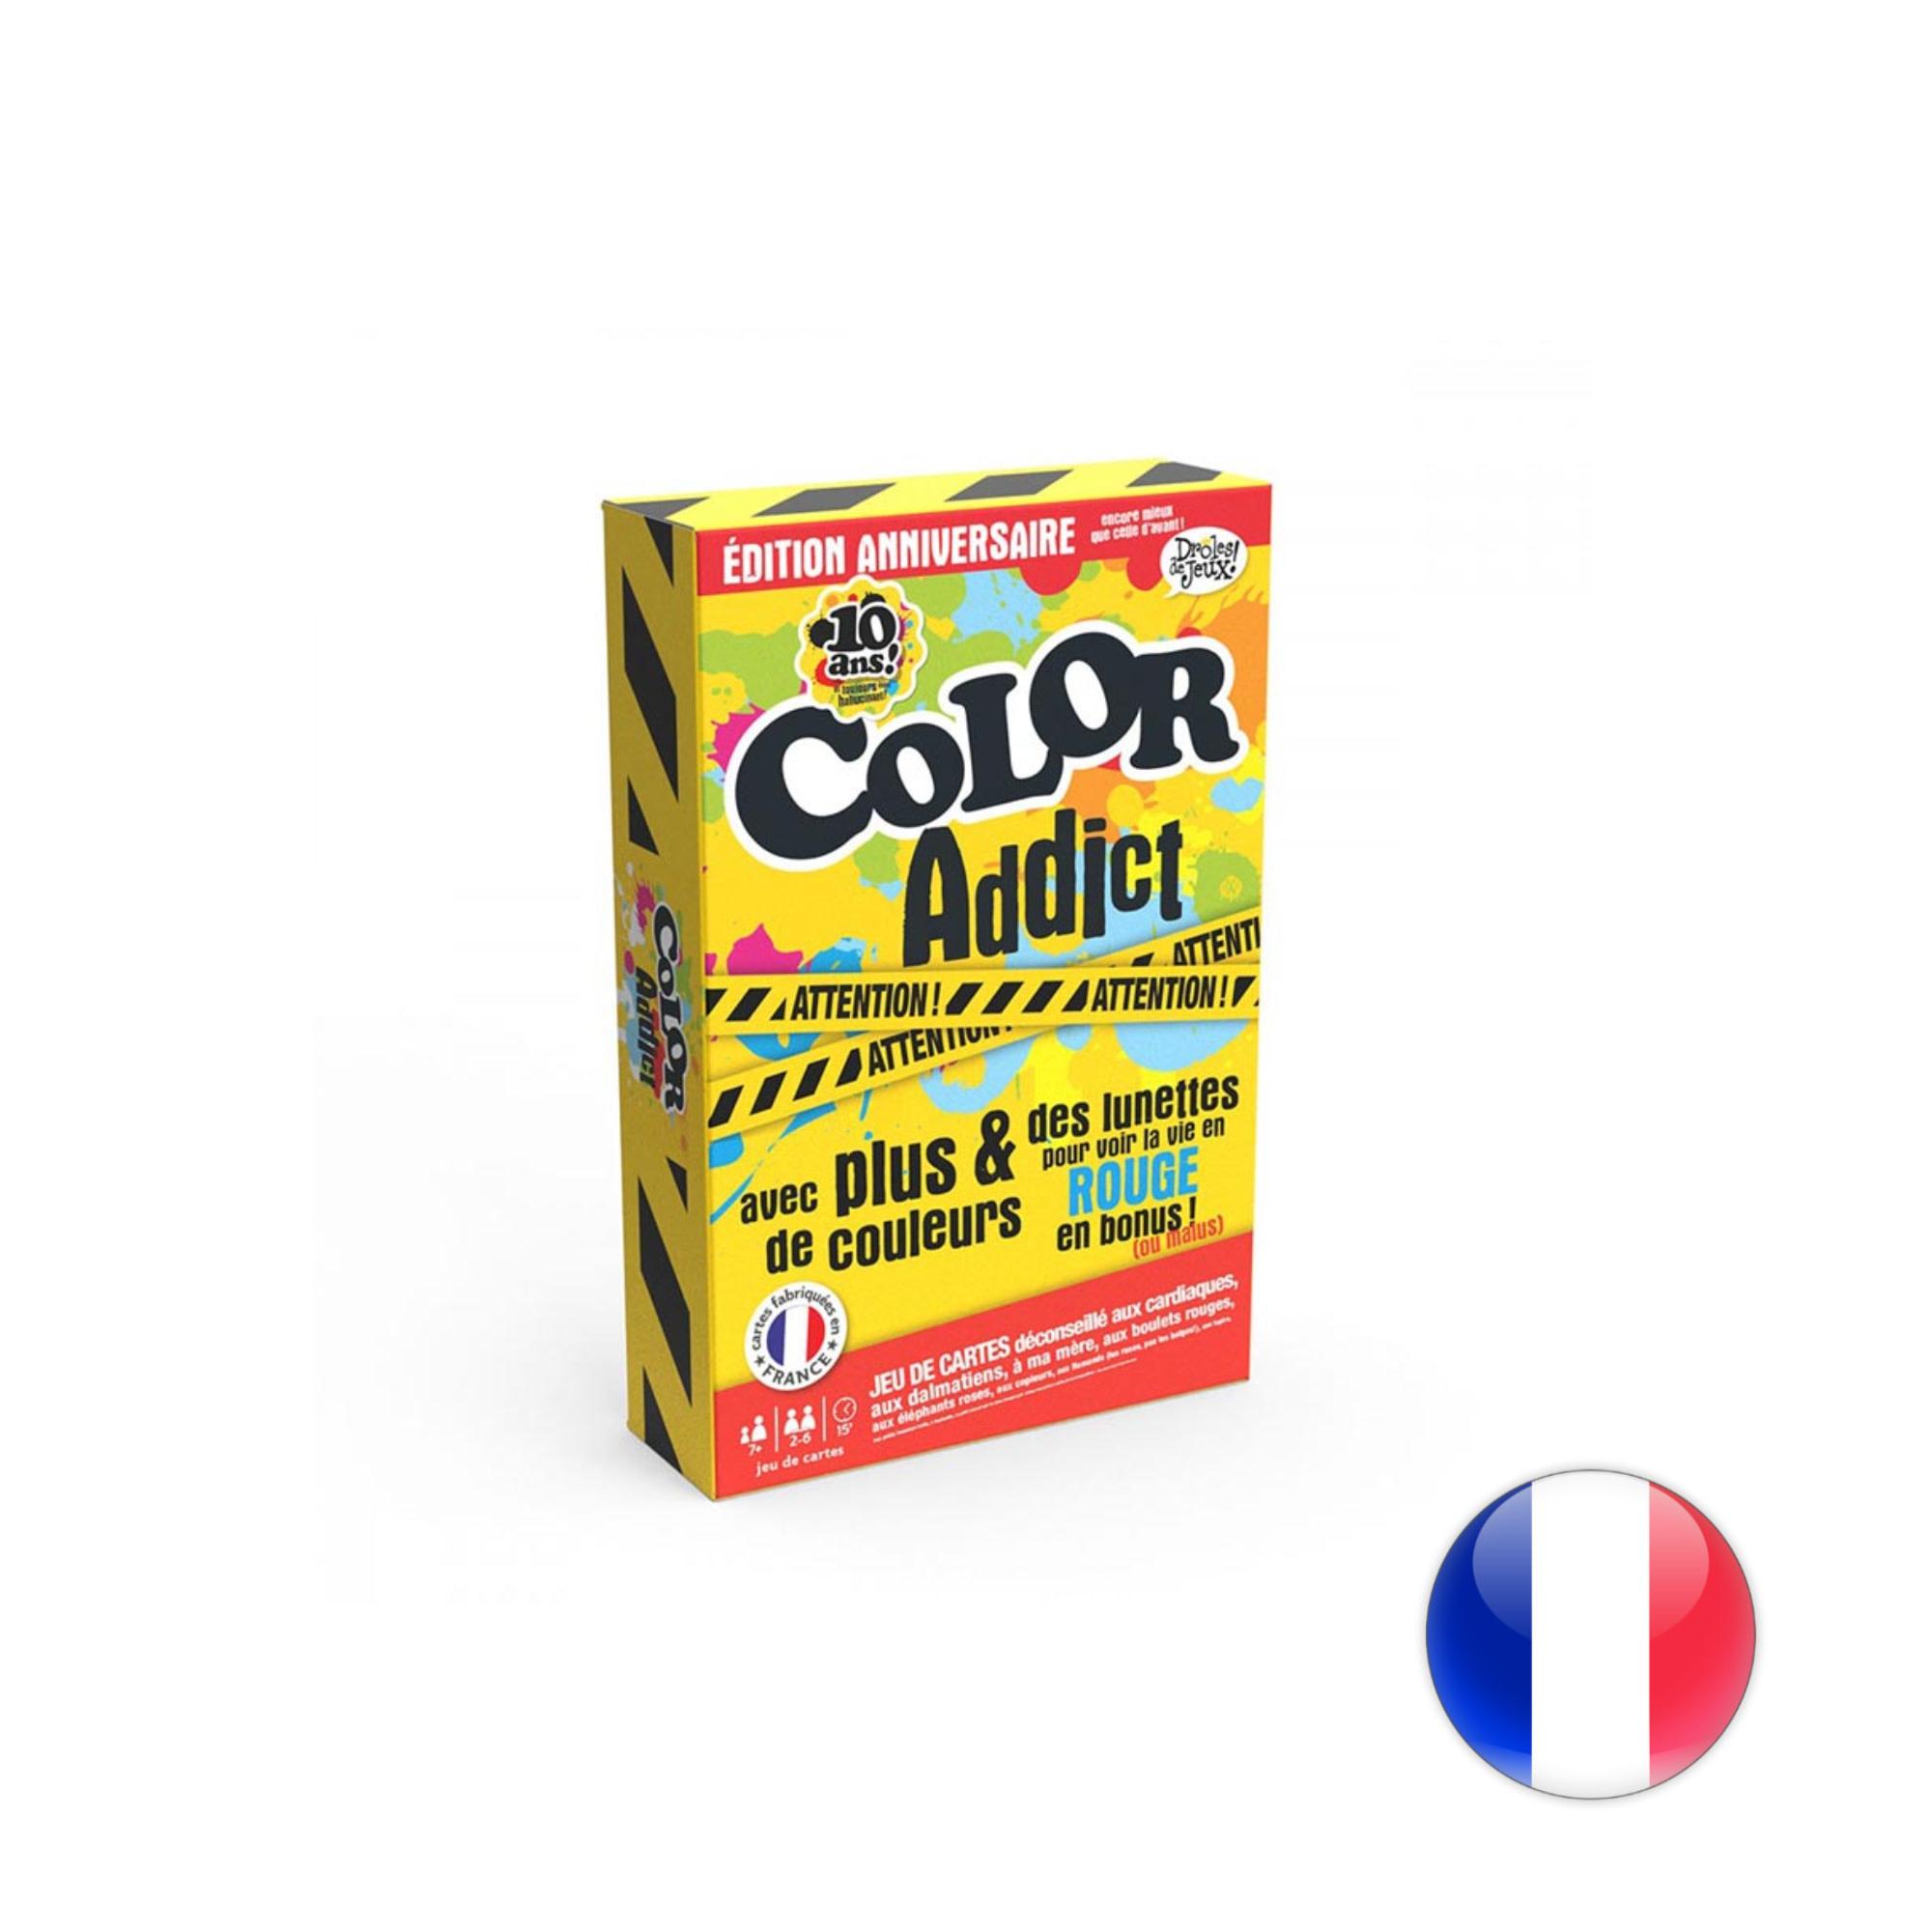 France Cartes Color Addict - Édition Limitée 10 ans